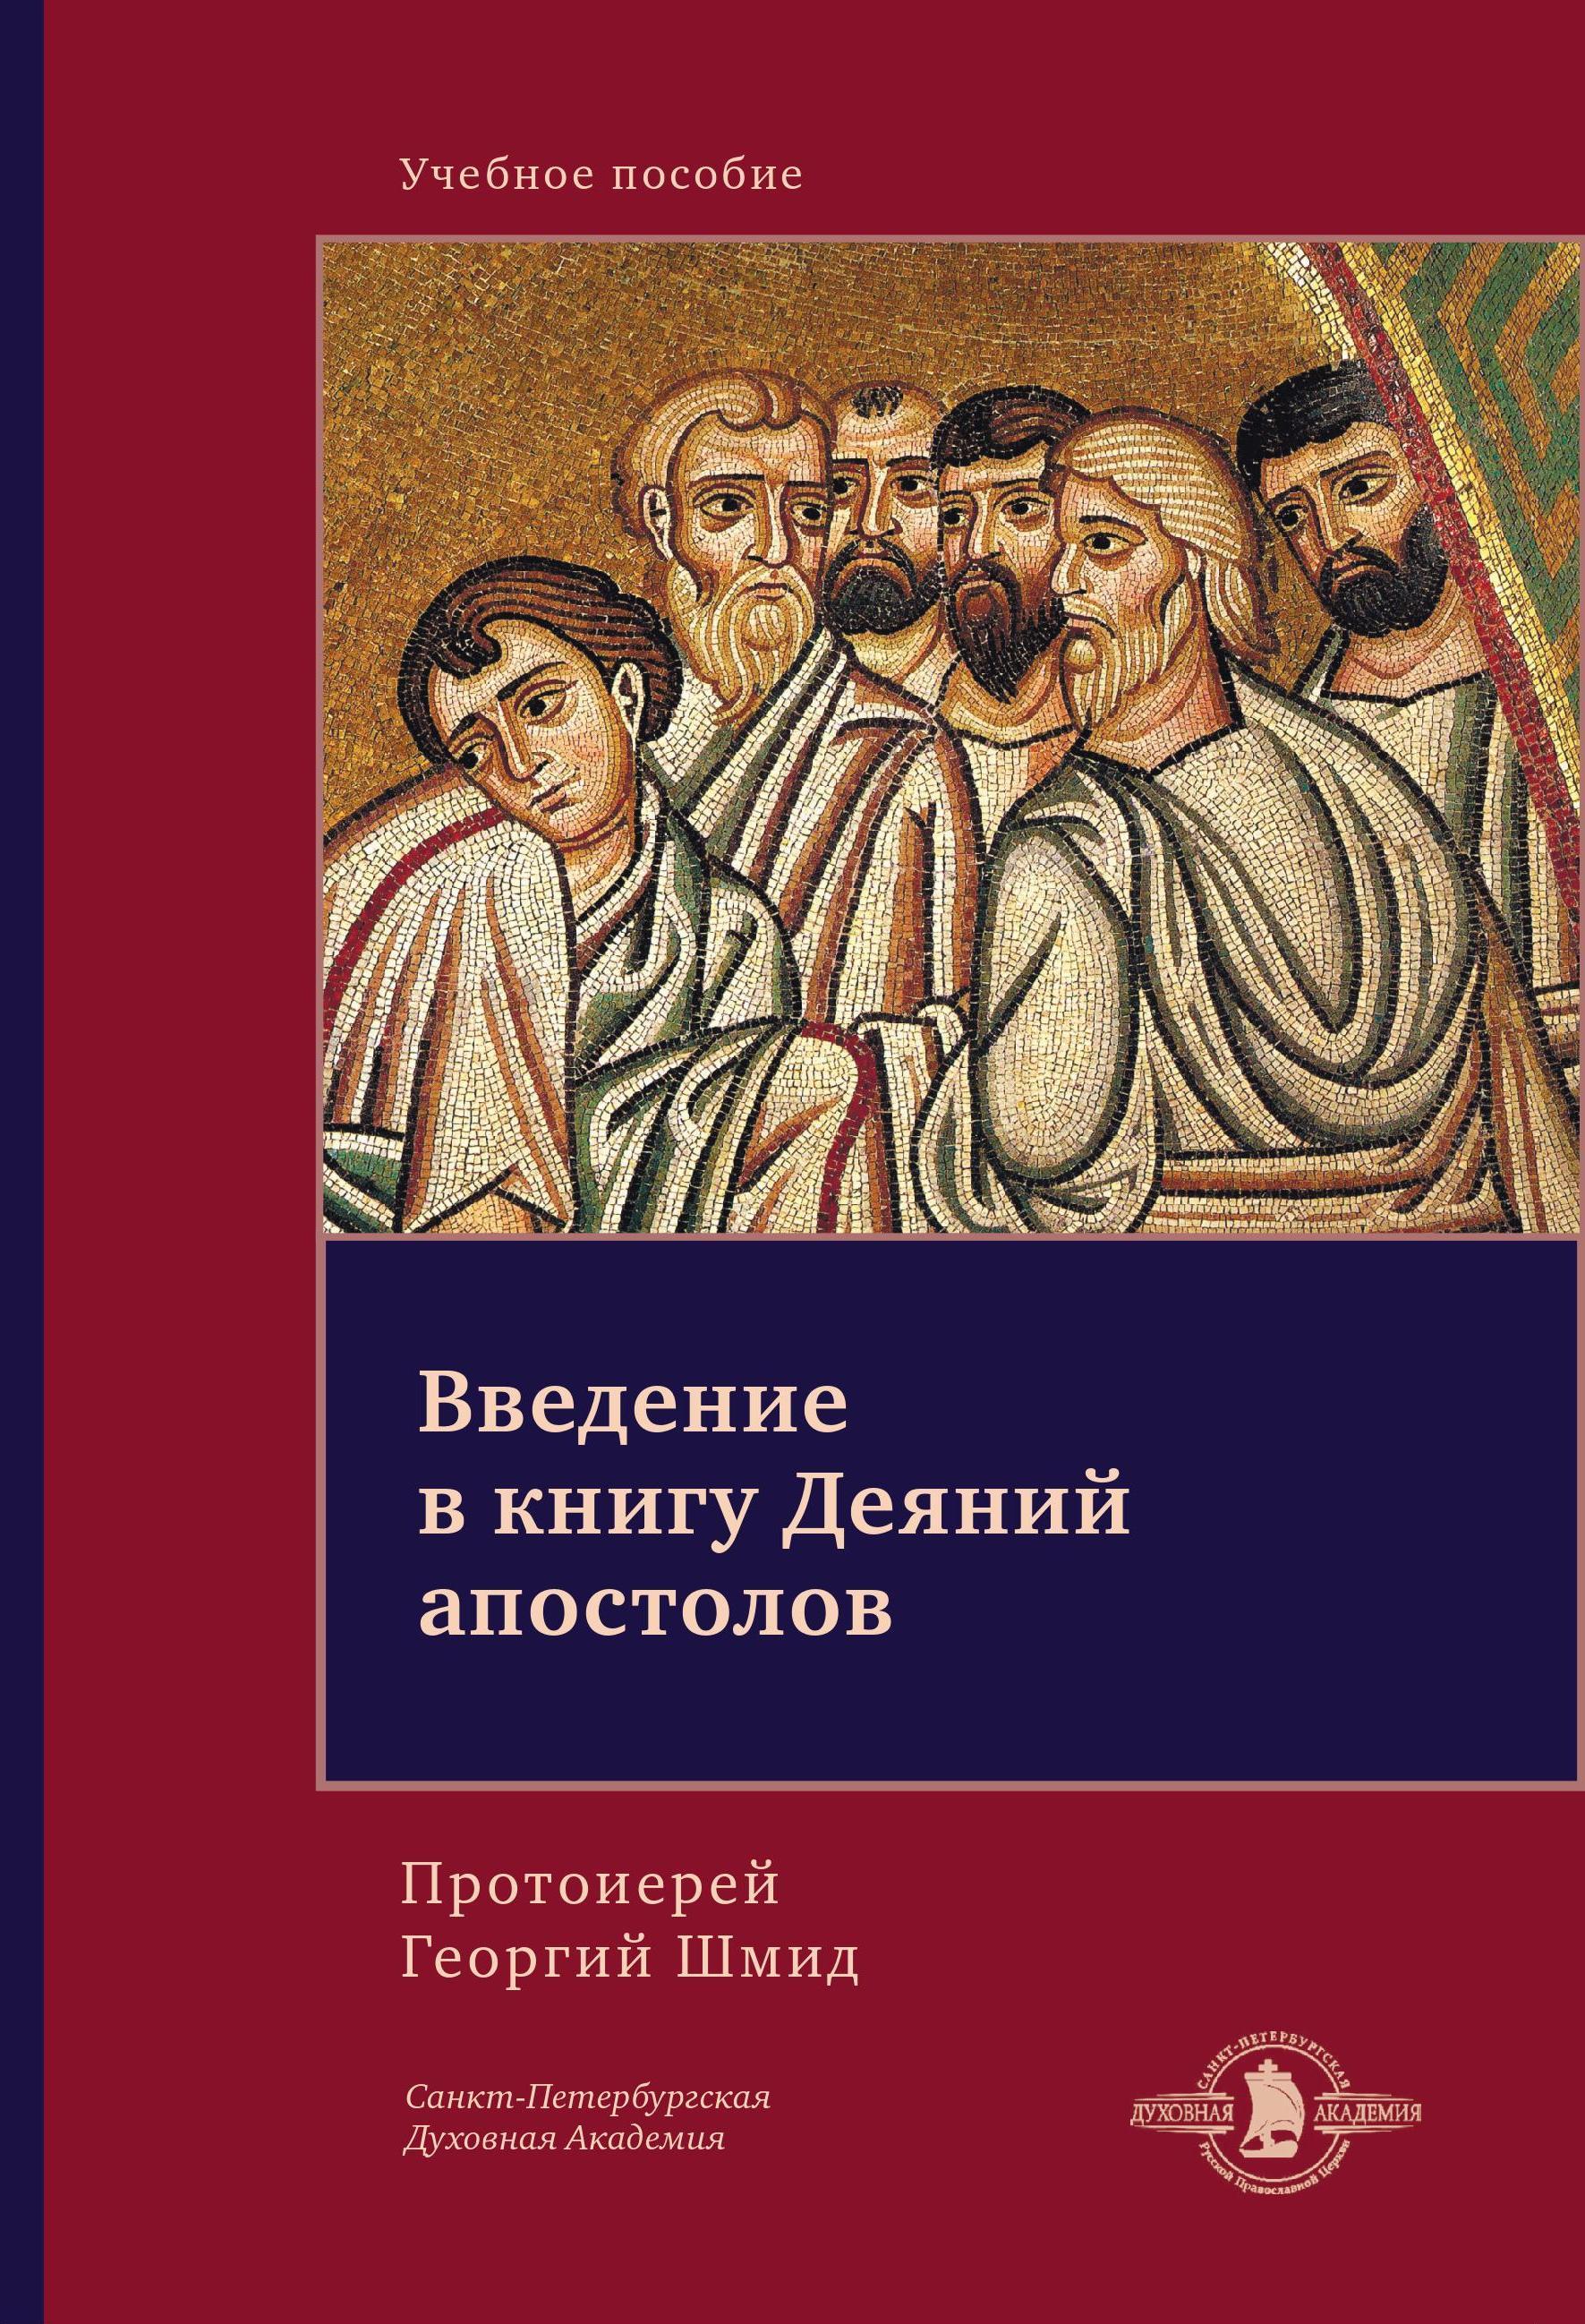 Введение в книгу Деяний апостолов